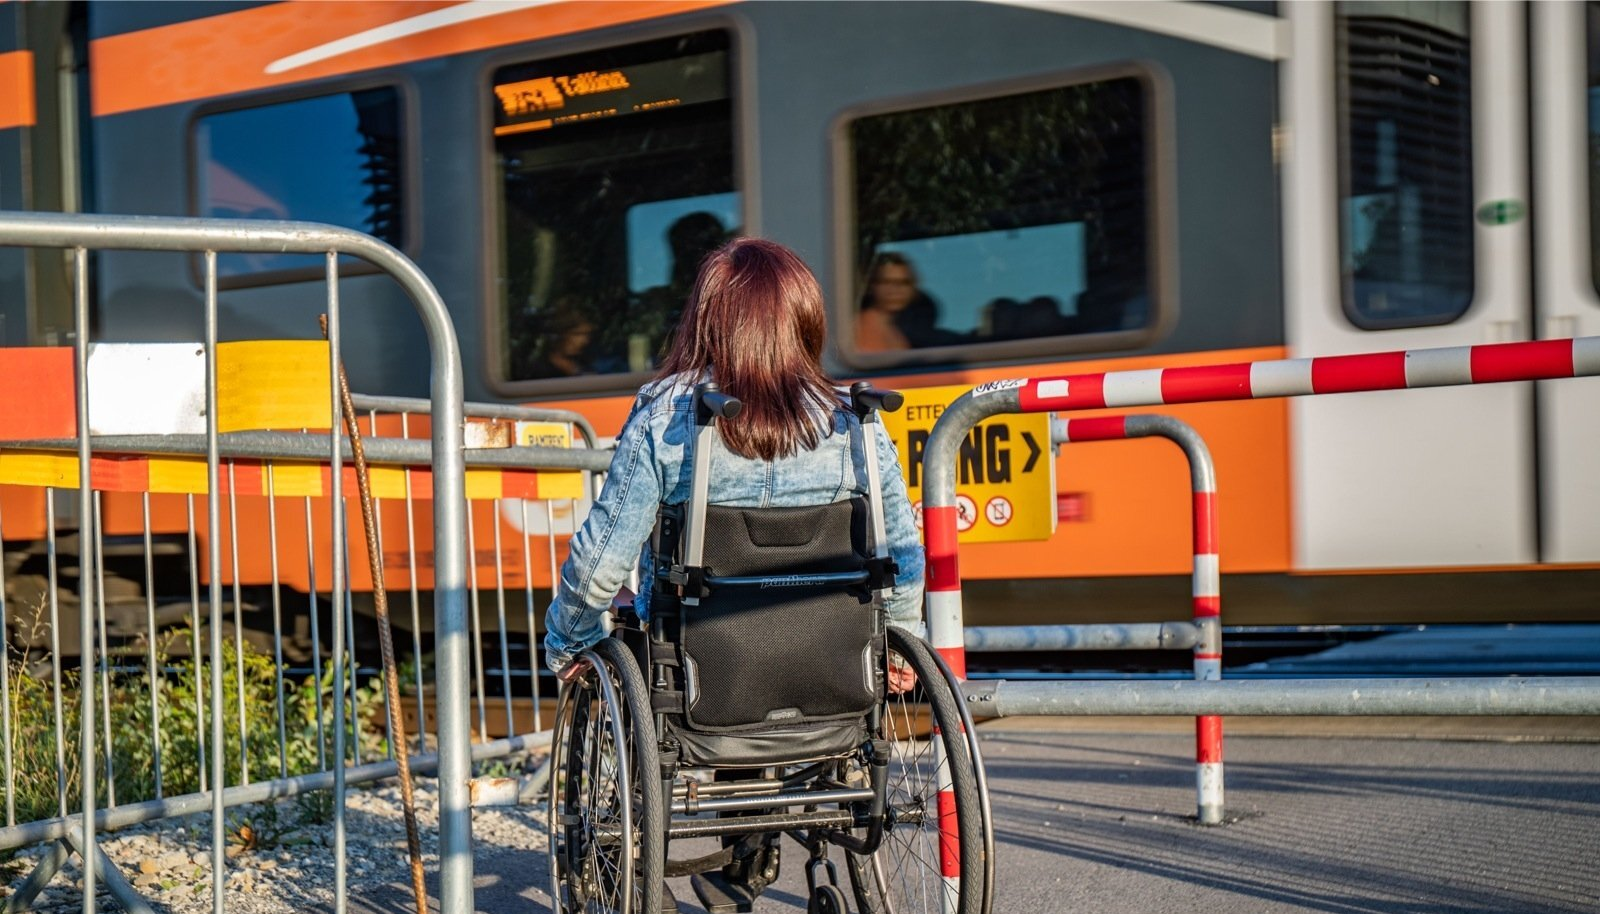 Briti Tartes mahtus kitsama ratastooliga läbi ka Veerenni ülekäigukohale hiljuti lisatud kolmandast tõkkest.